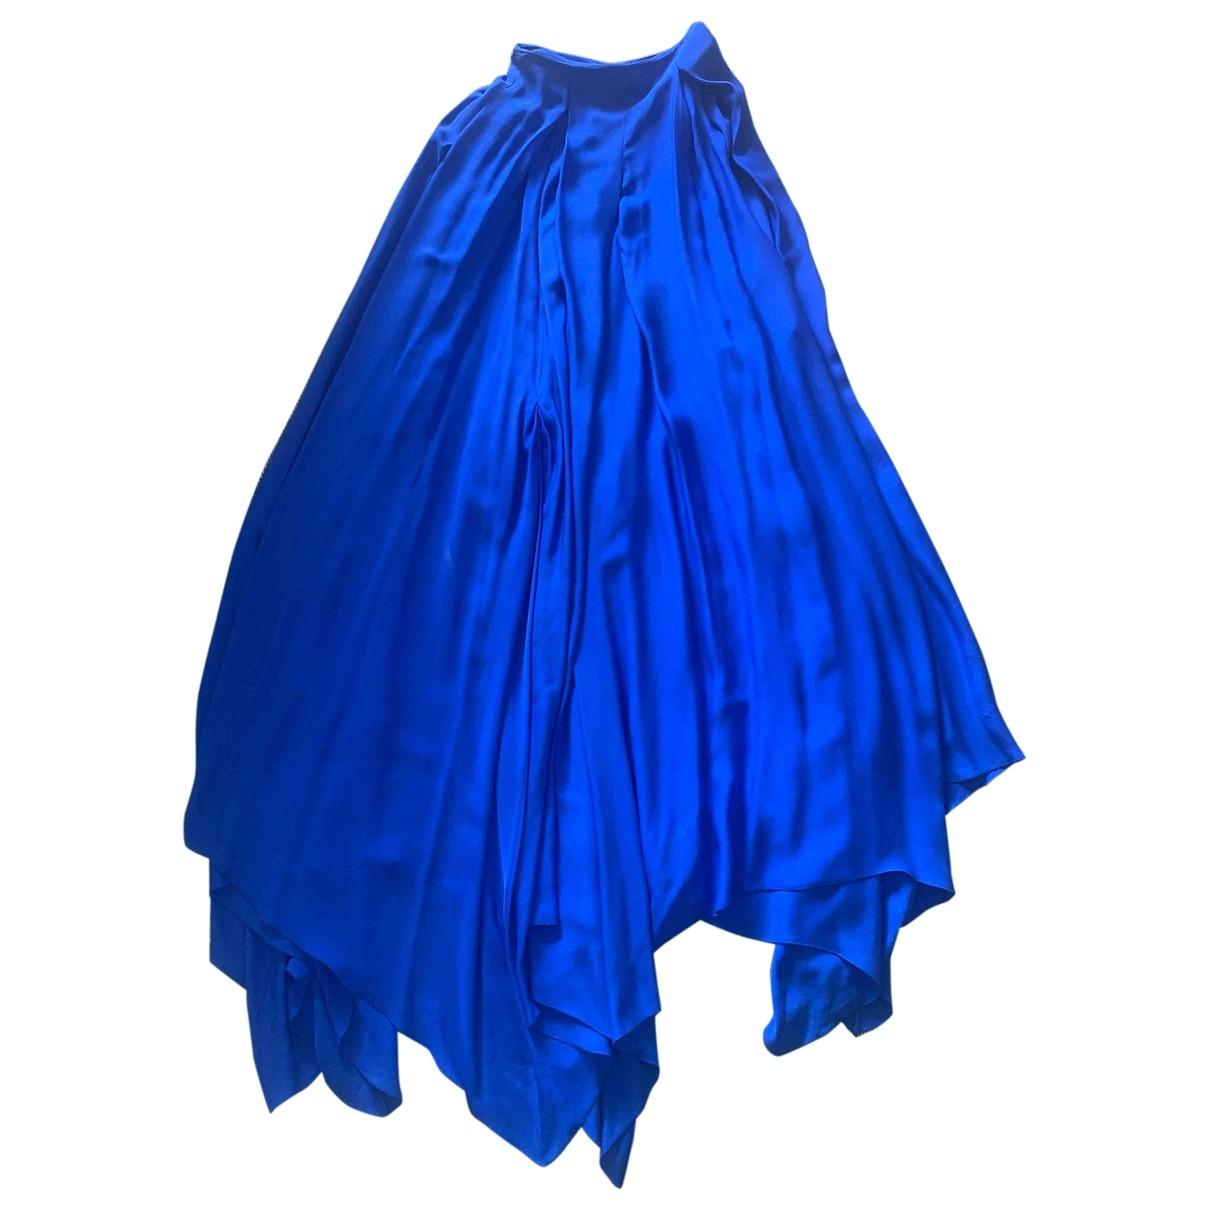 Antonio Berardi - Jupe   pour femme en soie - bleu